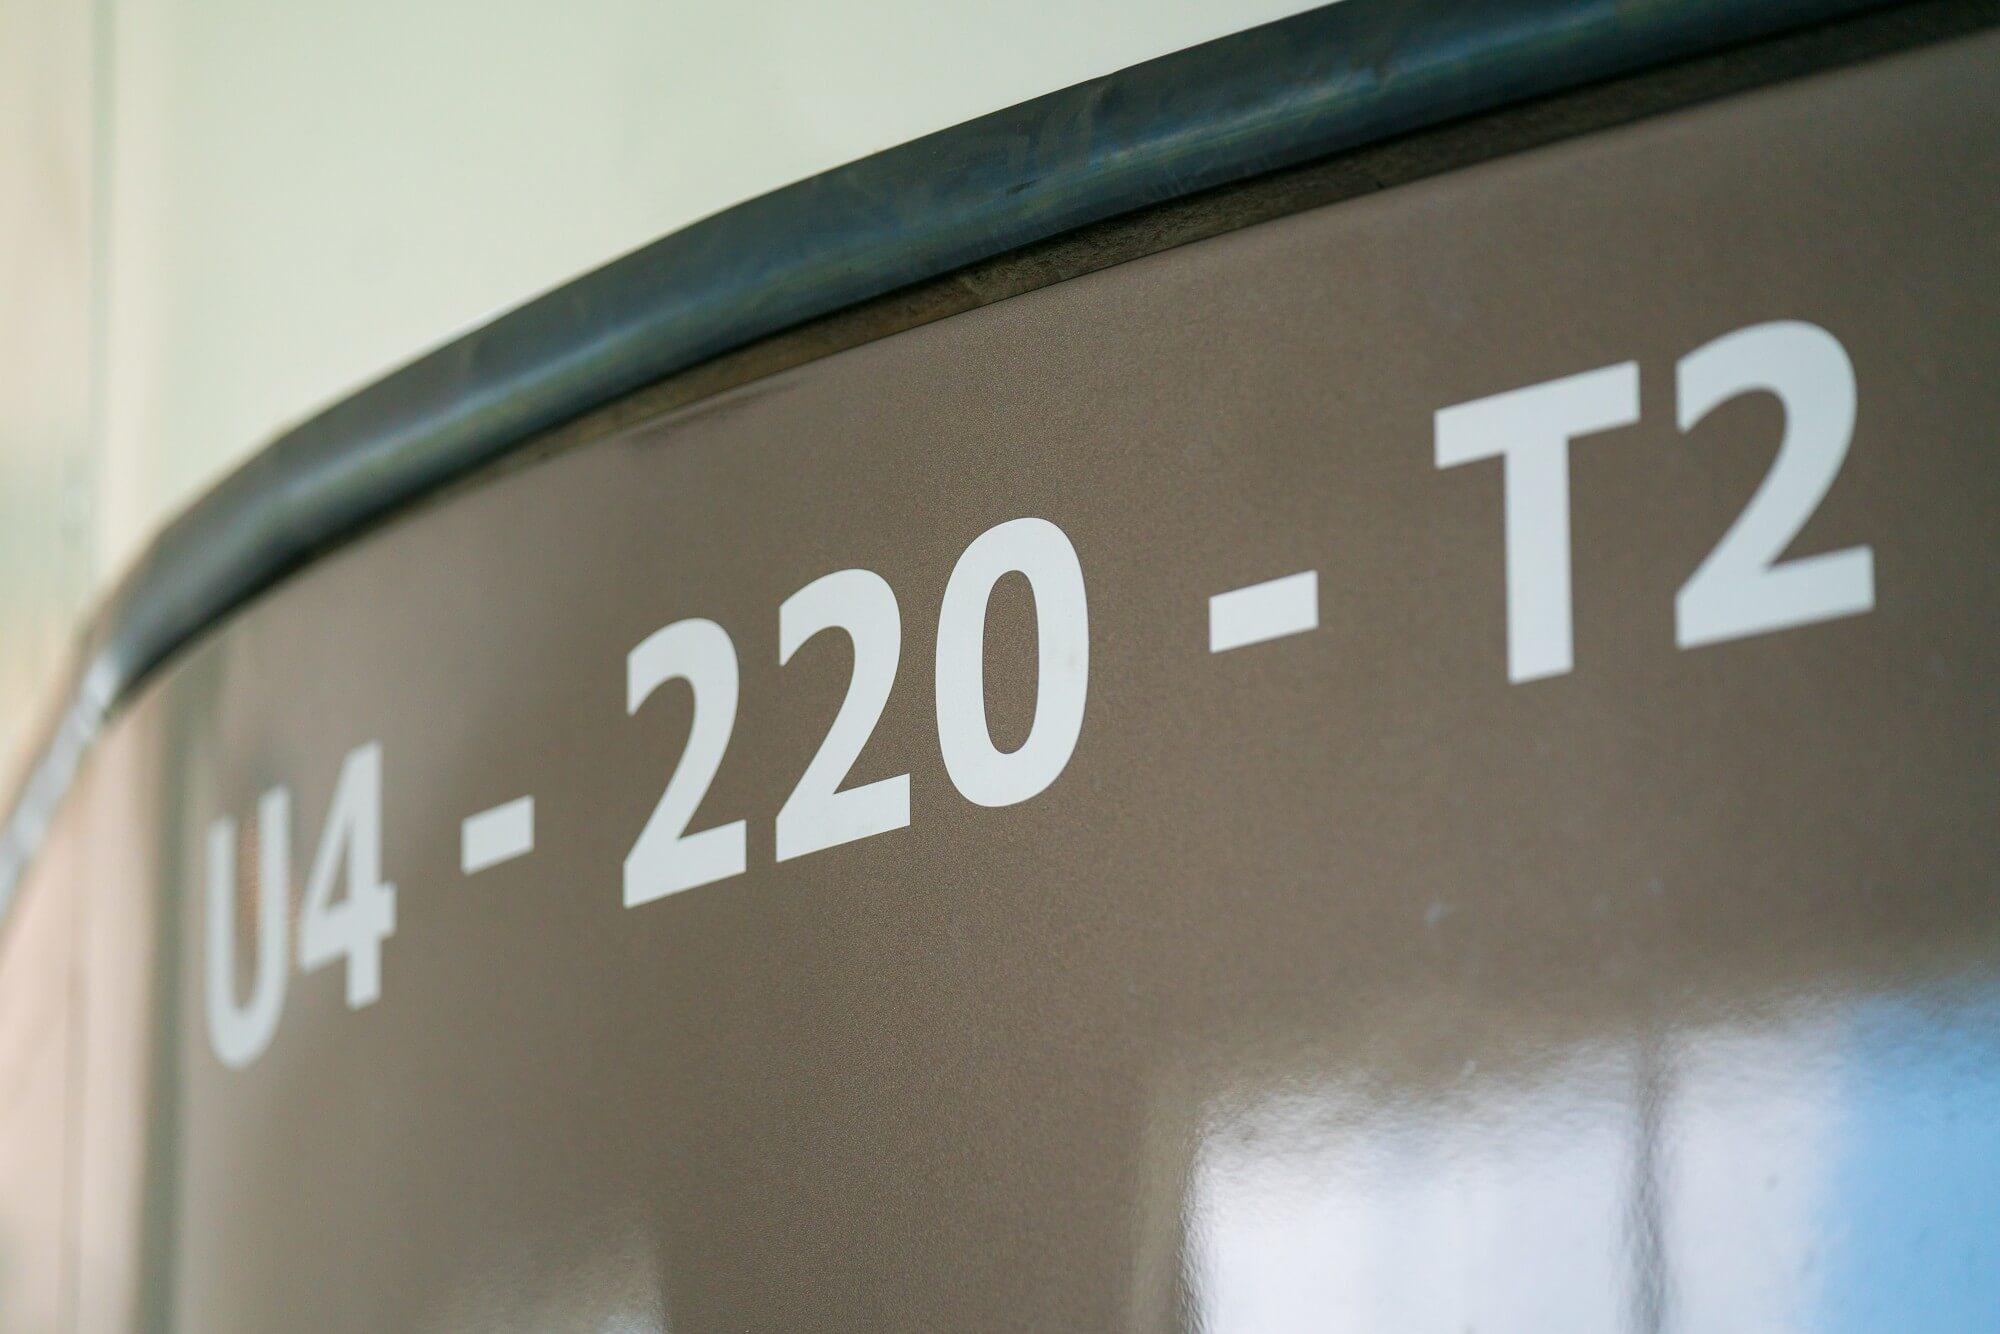 Юнибус U4-220-Т2